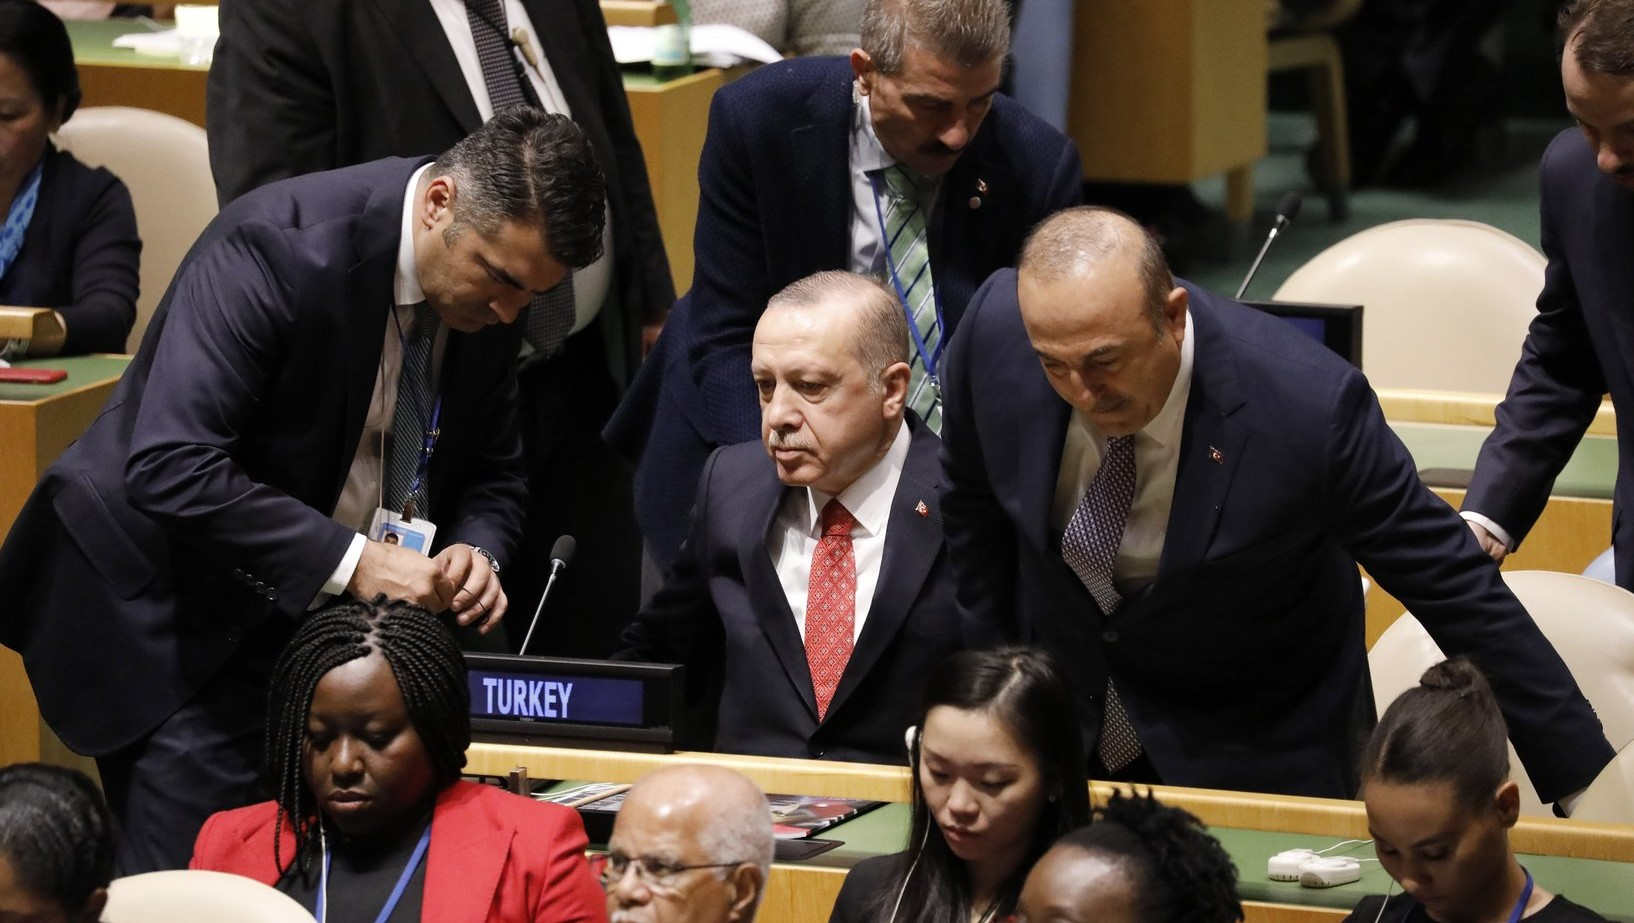 Recep Tayyip Erdogan török elnök és Mevlüt Cavusoglu török külügyminiszter az ENSZ-közgyűlés 73. ülésszakán a világszervezet New York-i székházában 2018. szeptember 25-én (Fotó: MTI/EPA/Peter Foley)